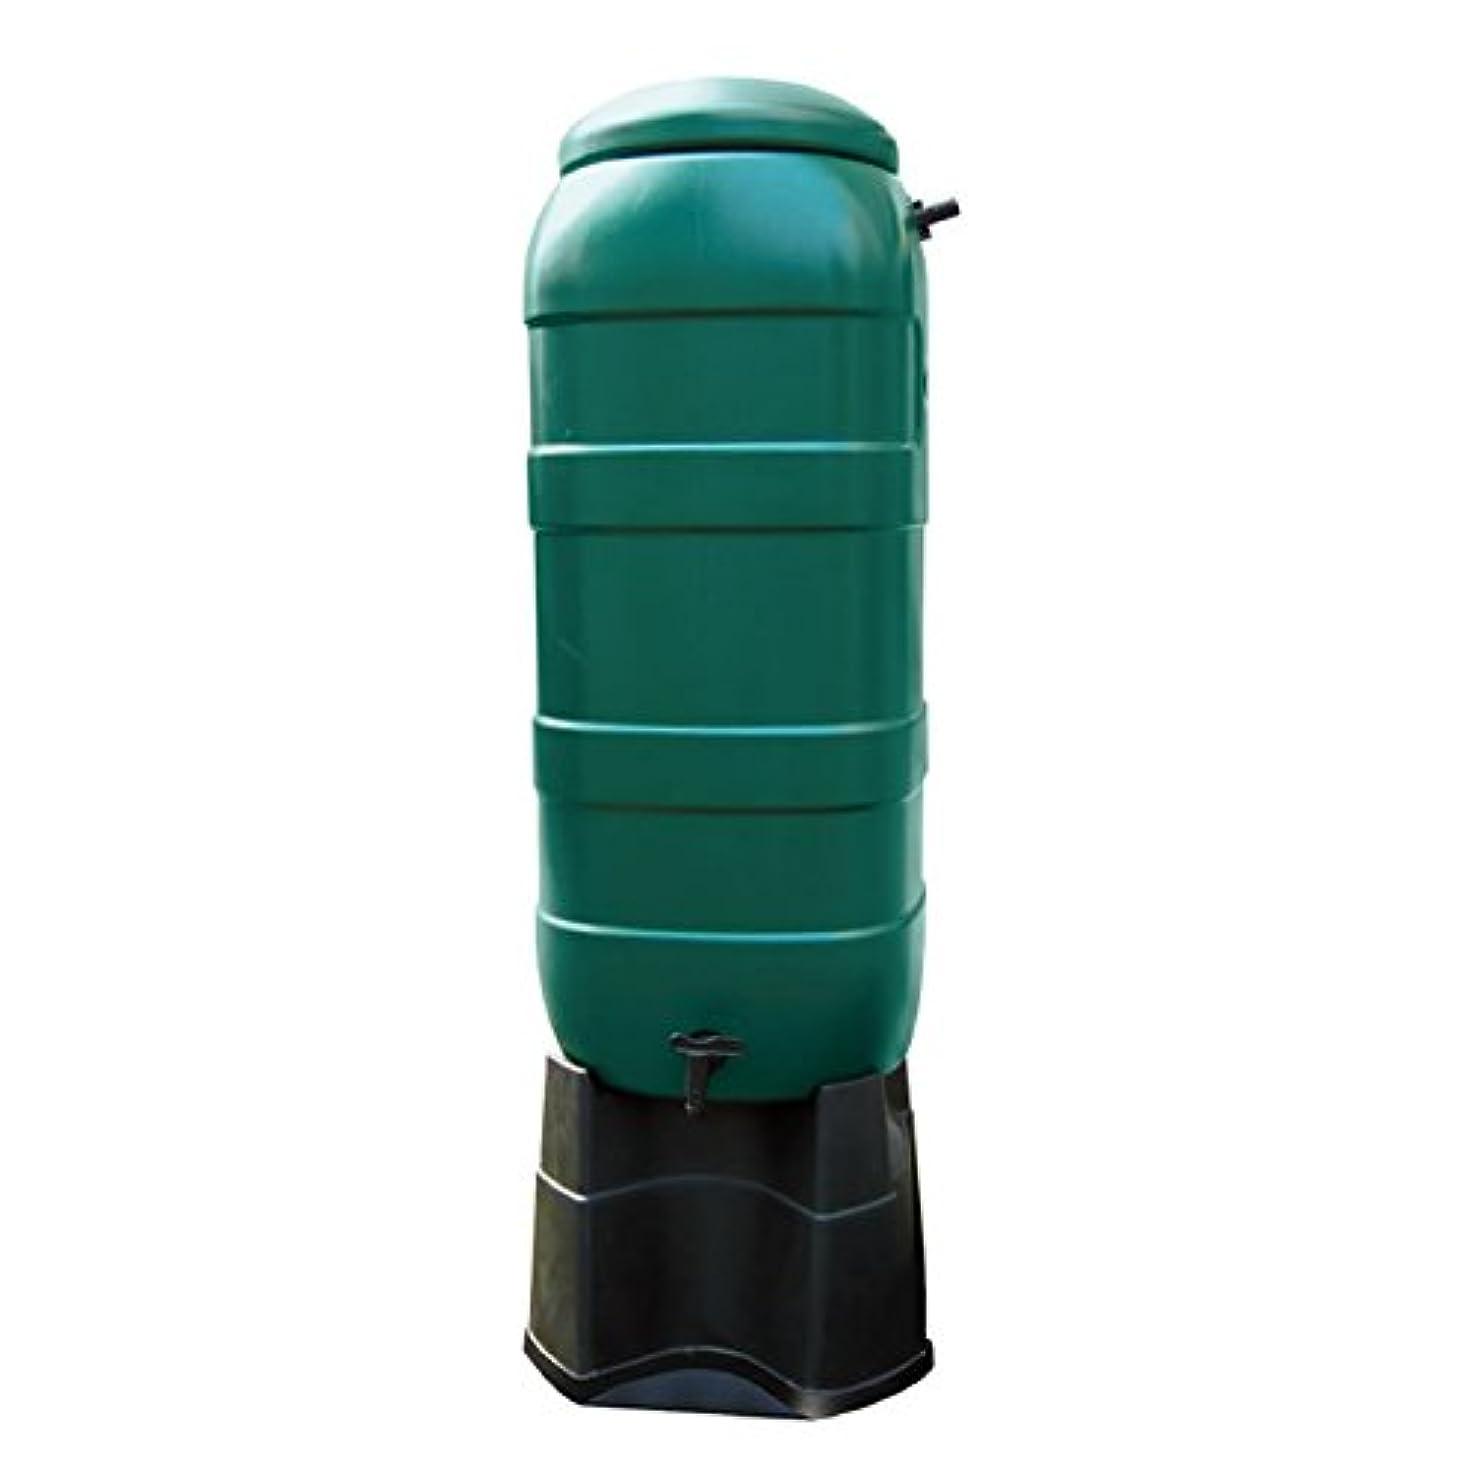 レンチ検索エンジン最適化ホステル雨水タンク アクアリゾット 100L セット